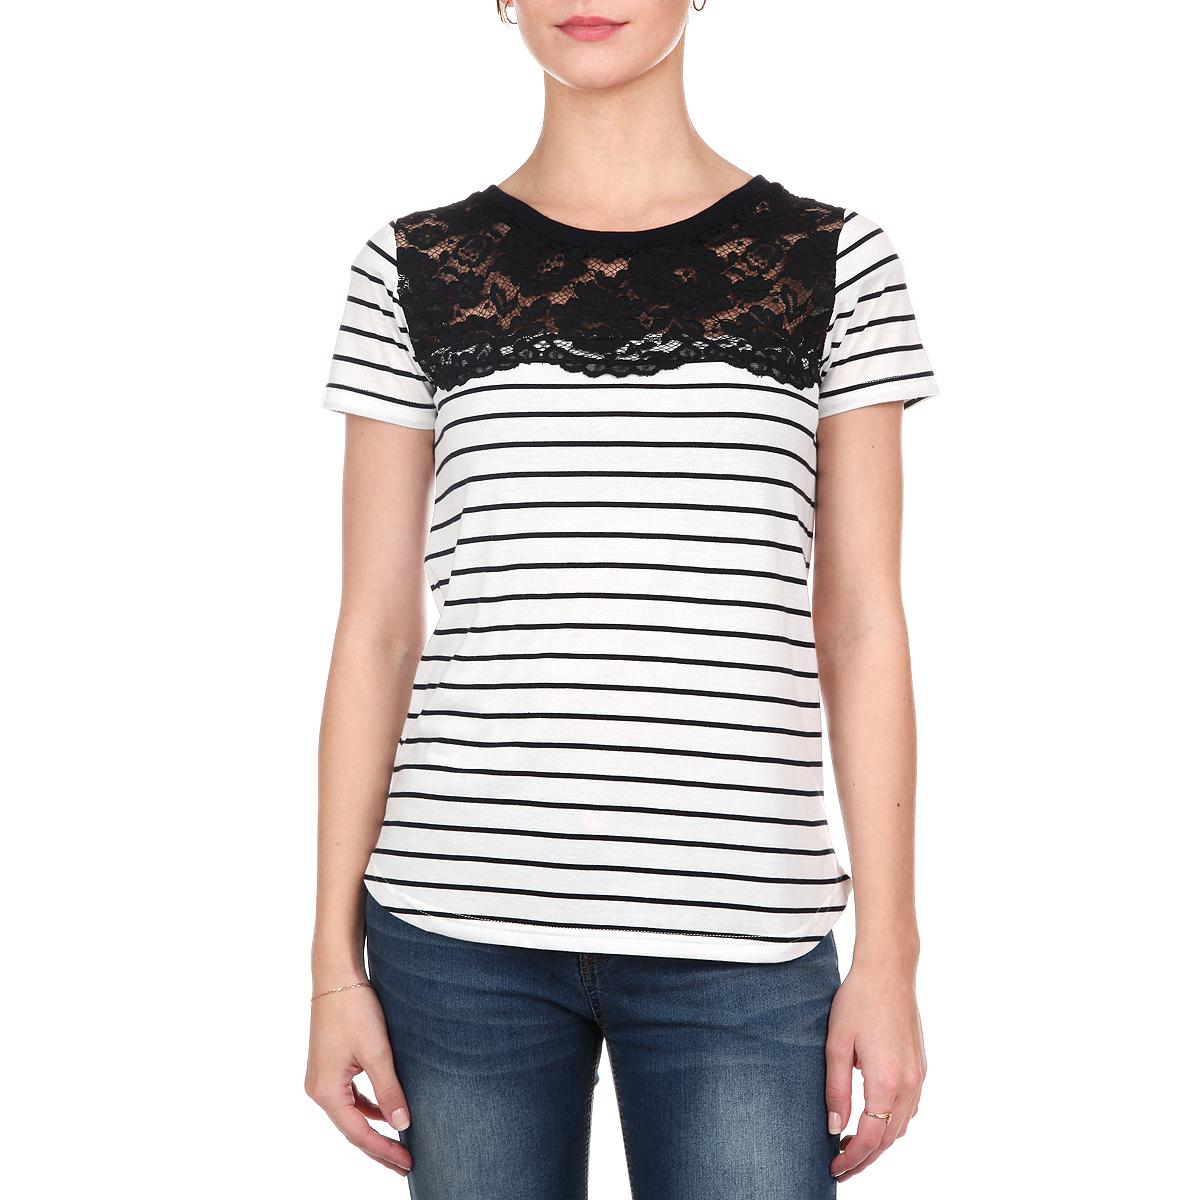 Футболка10152681 01BСимпатичная женская футболка Broadway свободного кроя выполнена из мягкого хлопкового материала. Модель с круглым вырезом горловины, короткими рукавами и полукруглым низом оформлена полосатым принтом. На груди изделие декорировано кружевной вставкой. Эта футболка - идеальный вариант для создания образа в стиле Casual.